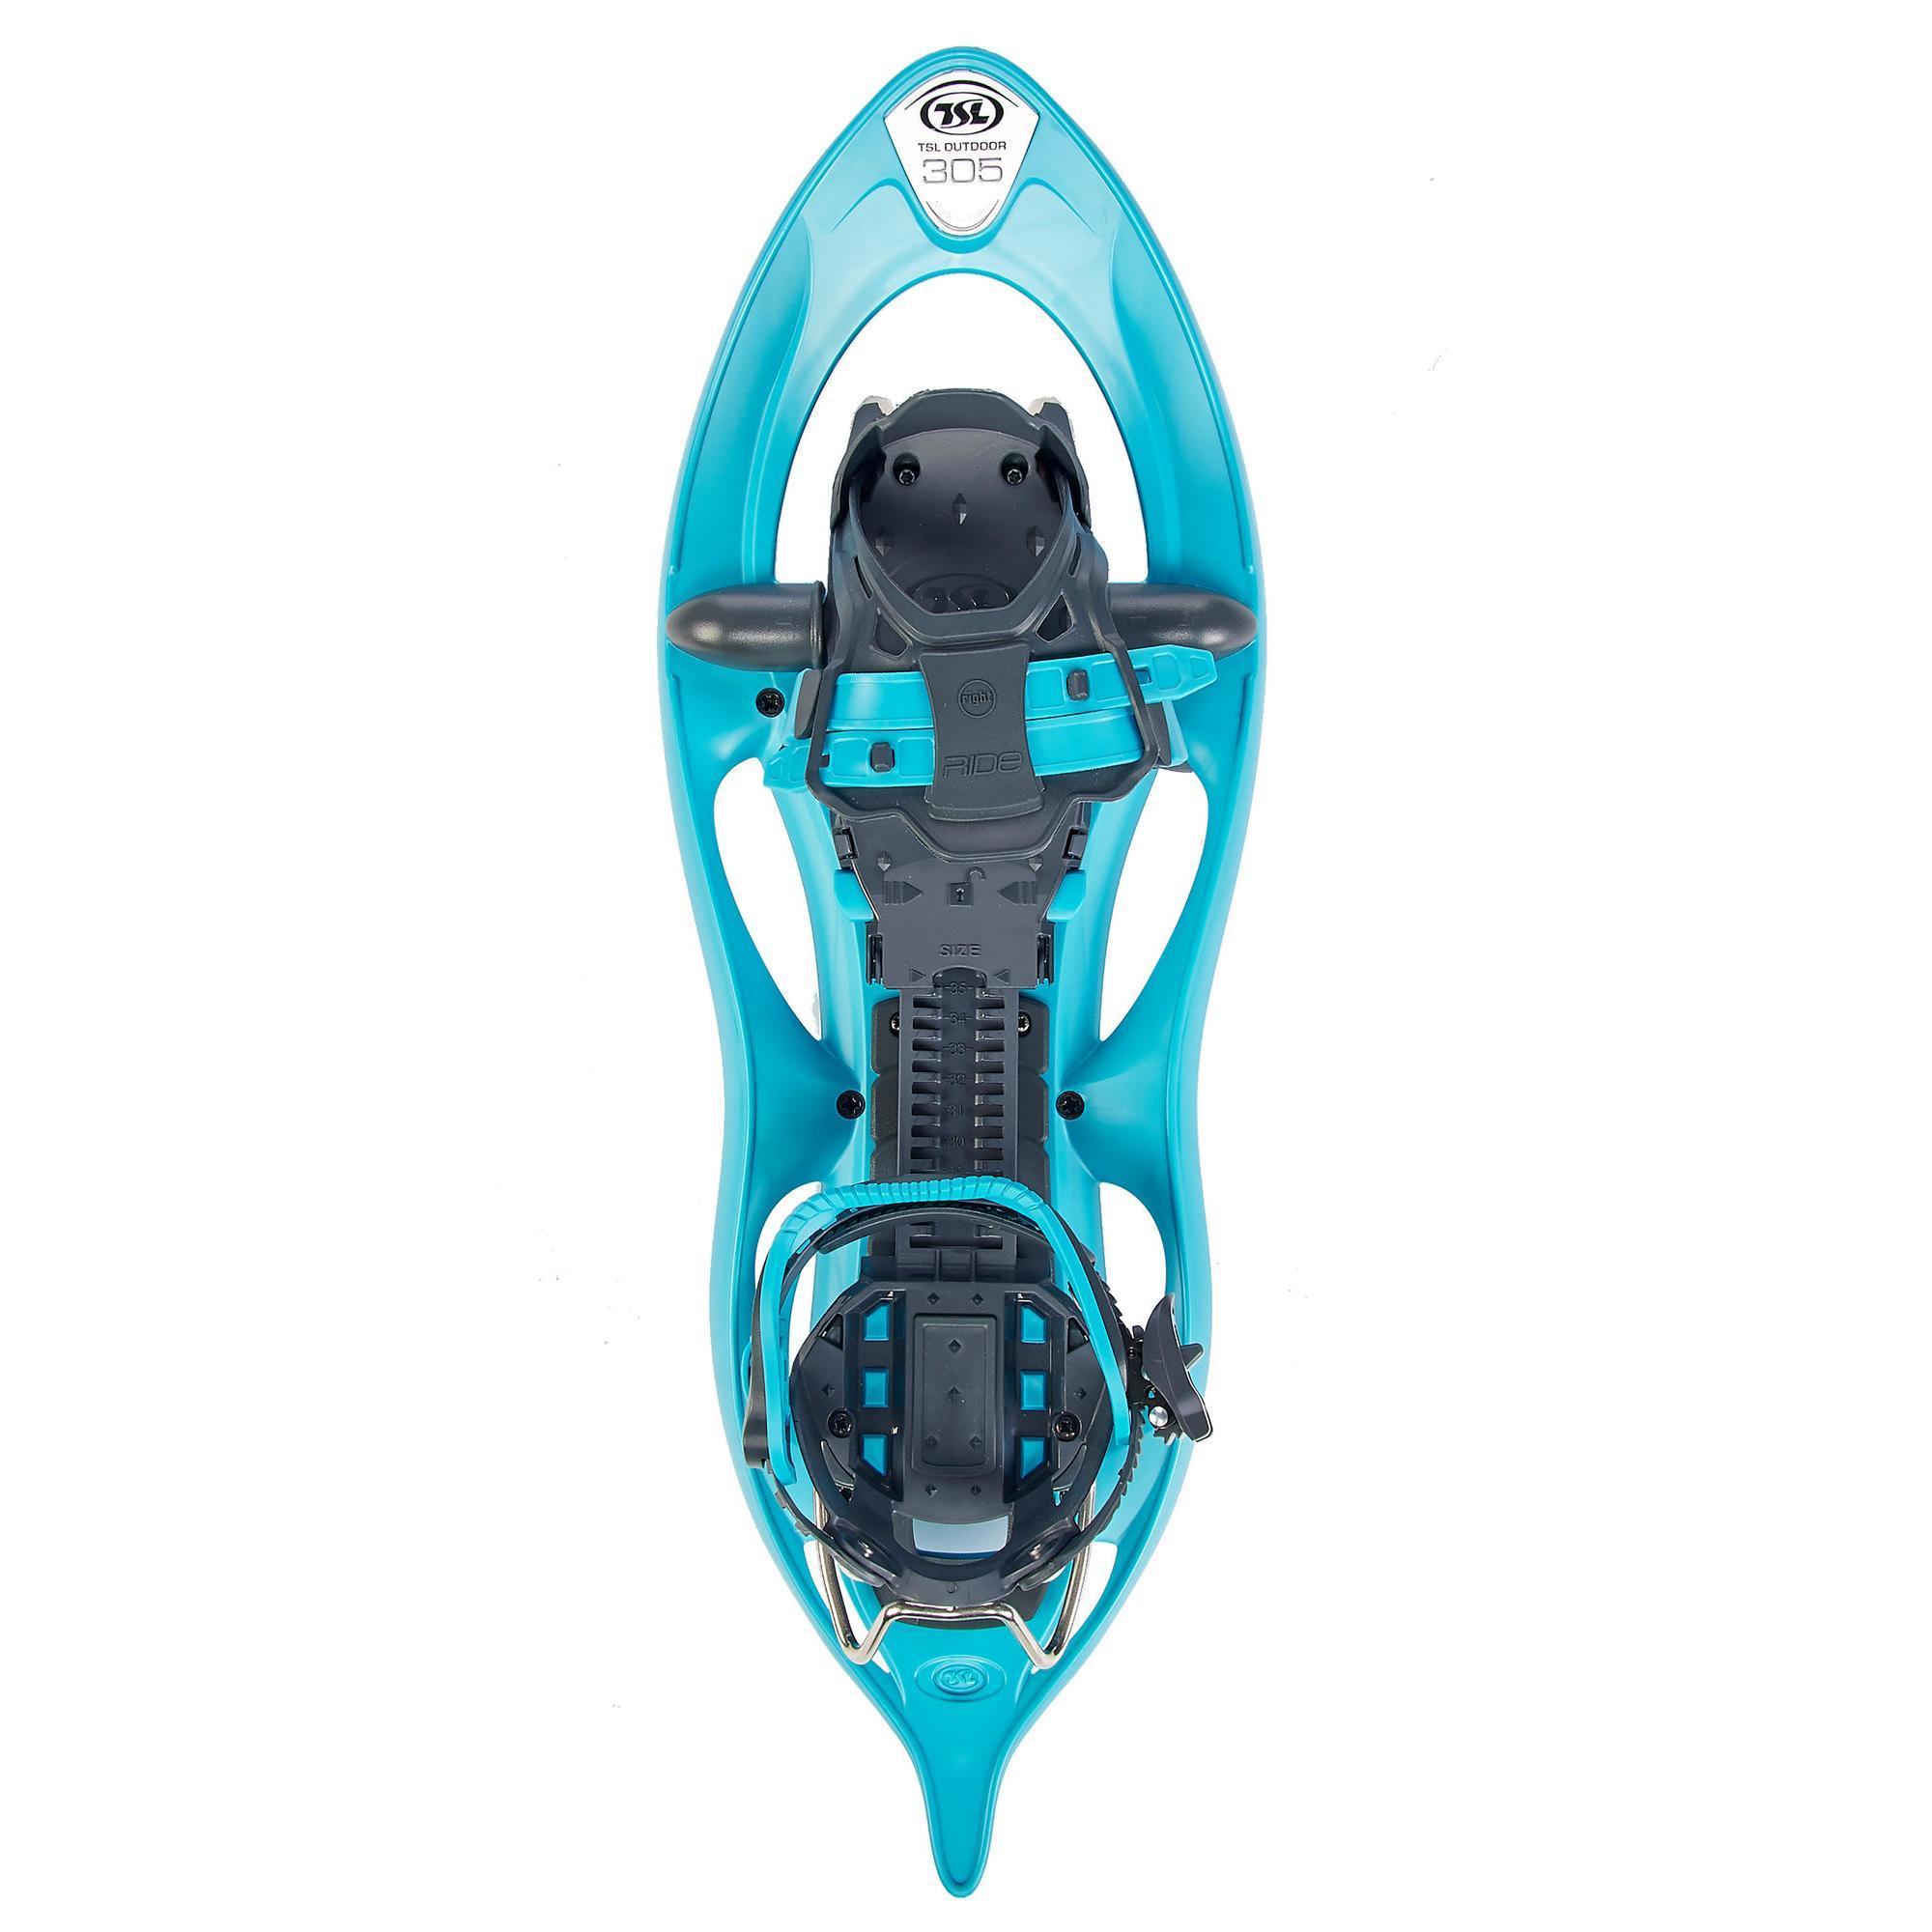 Schneeschuhe TSL 305 Ride kleiner Rahmen blau | Schuhe > Sportschuhe > Schneeschuhe | Tsl